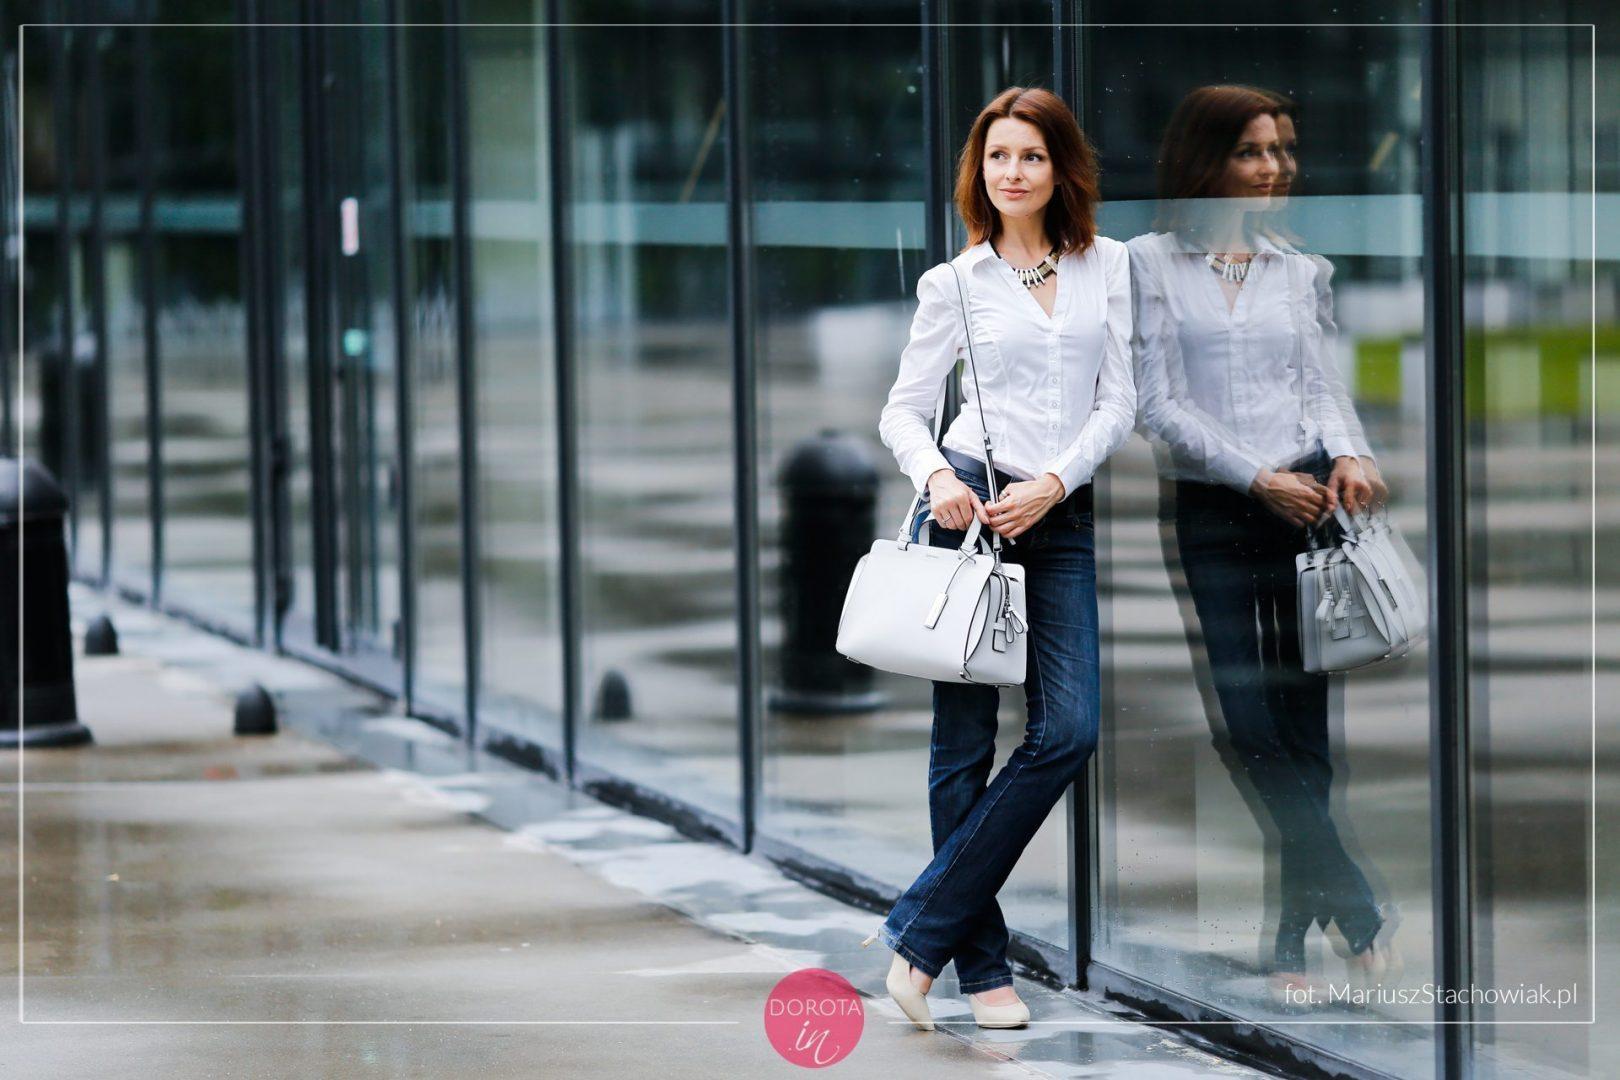 c6f0f4c0fed7a Biała koszula i granatowe dżinsy - bezpieczny zestaw | Dorota Kamińska